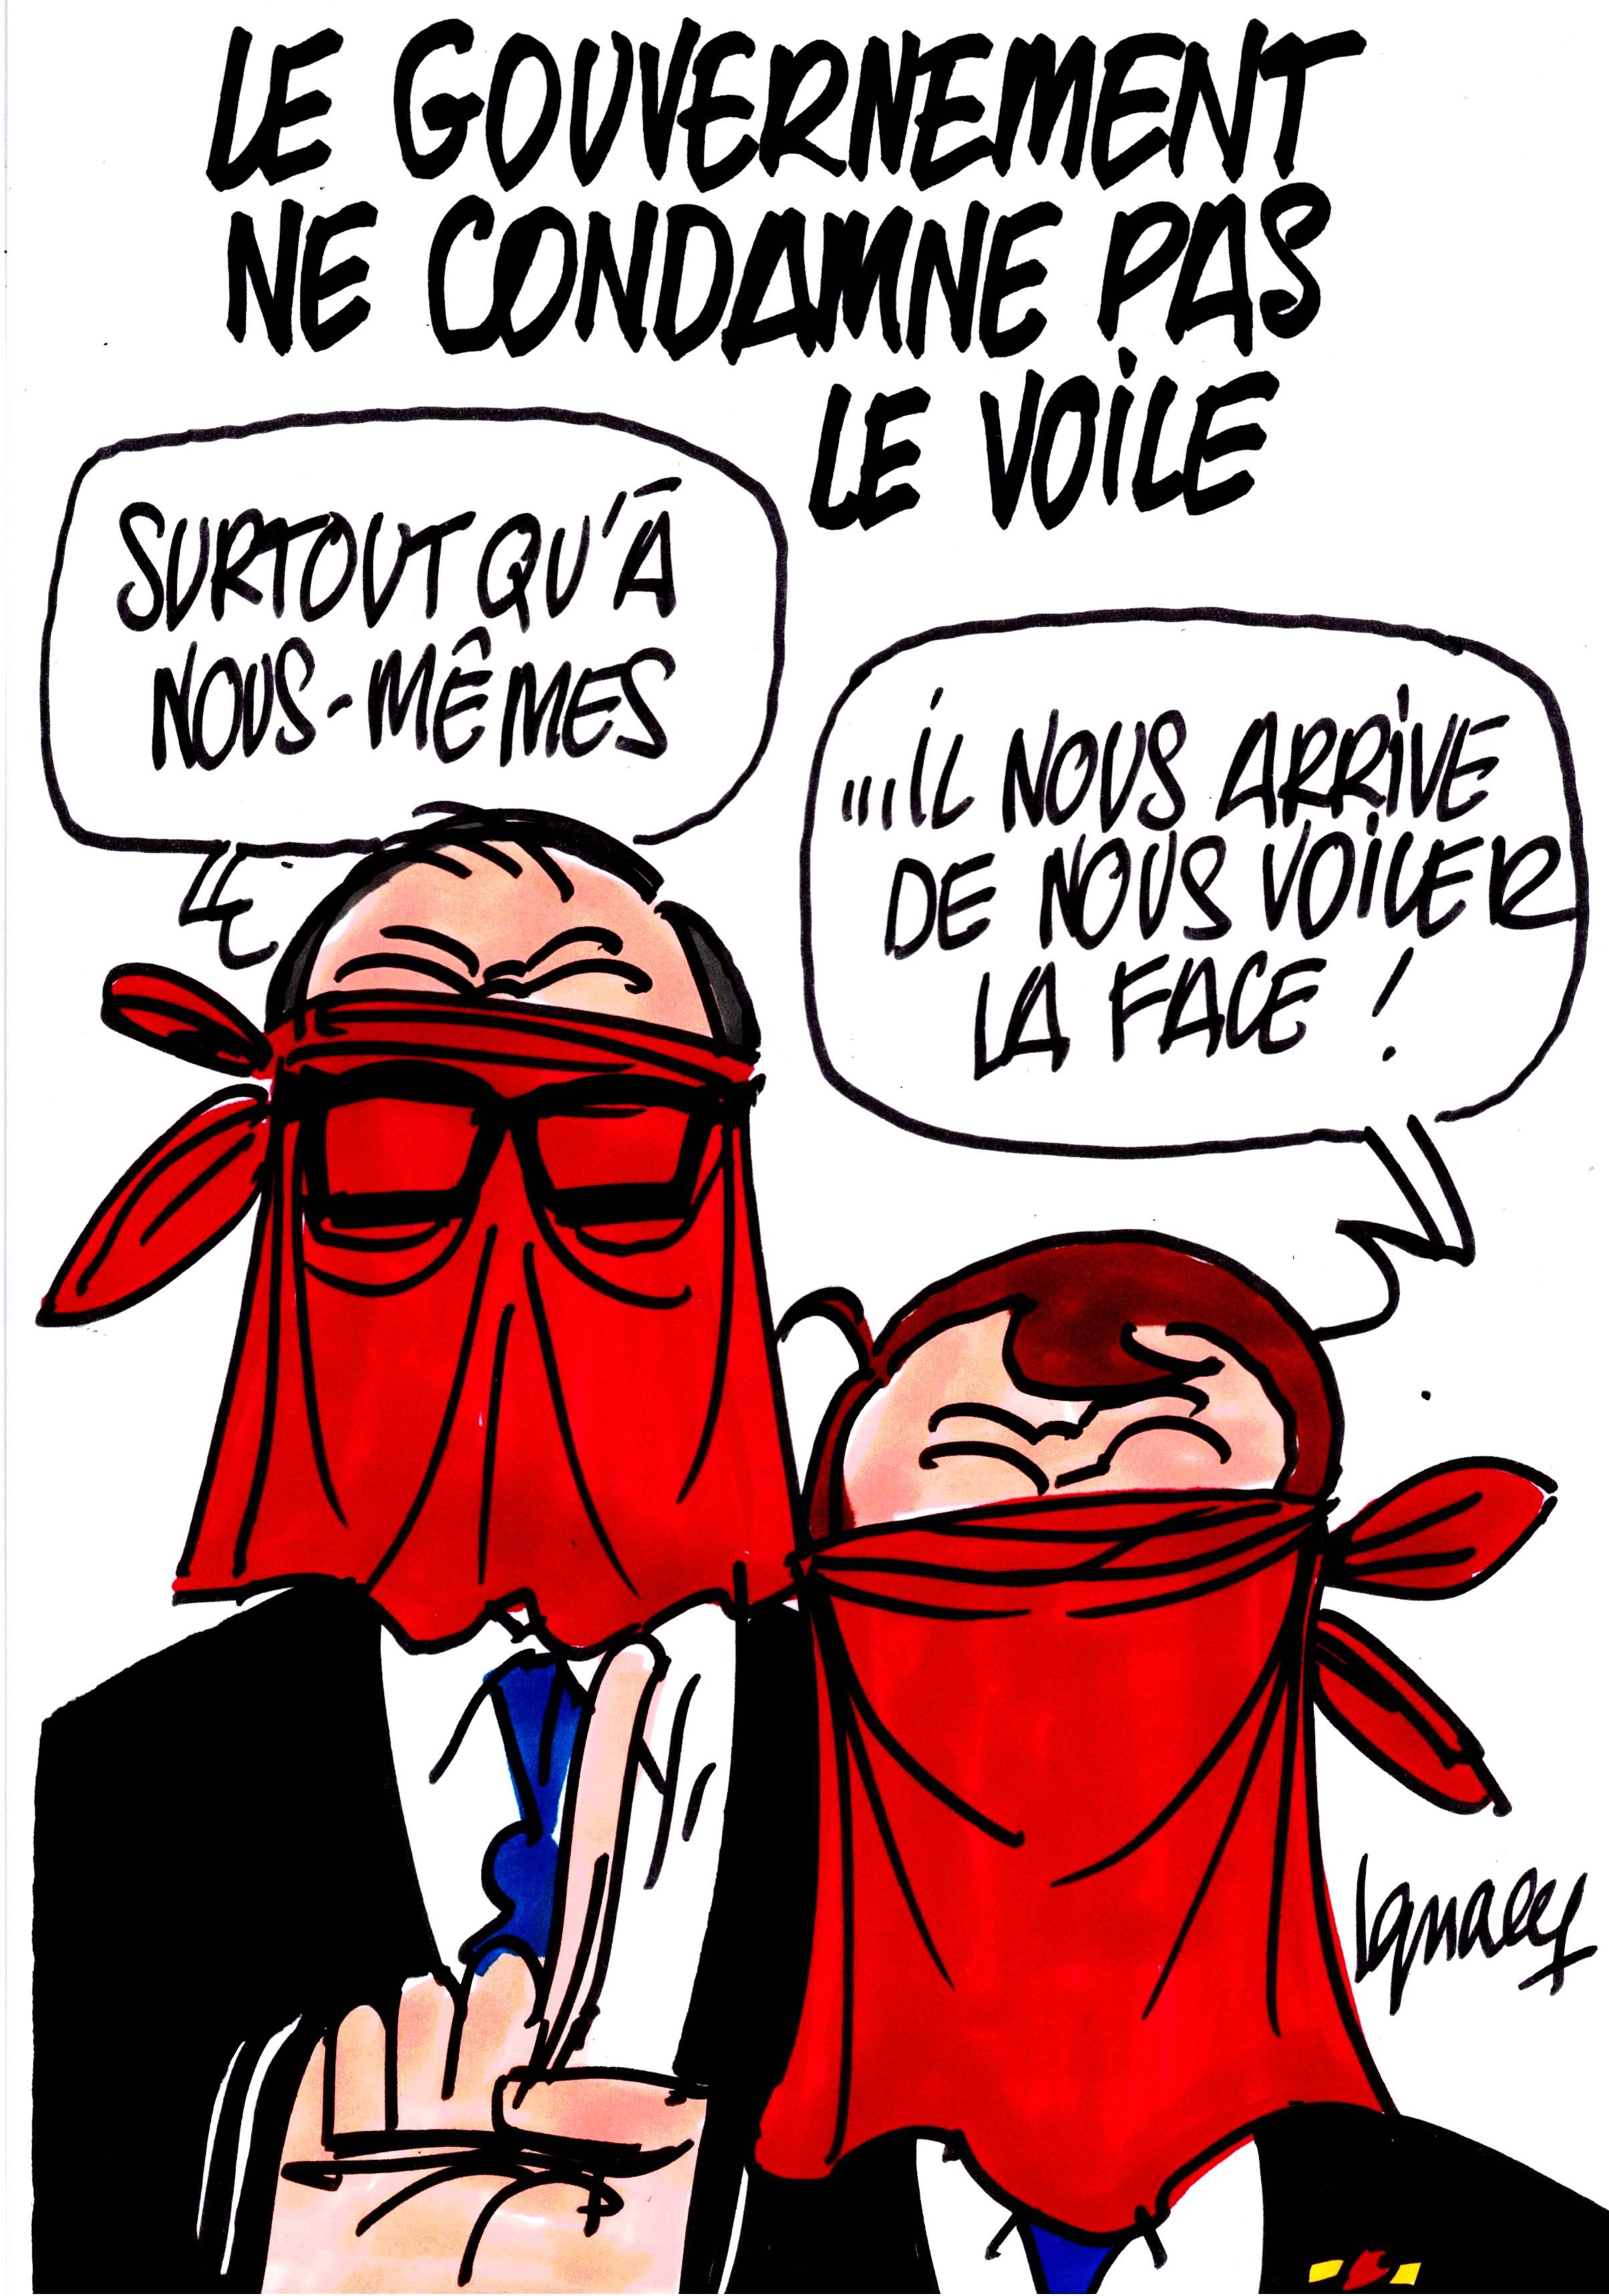 Ignace - Le gouvernement ne condamne pas le voile